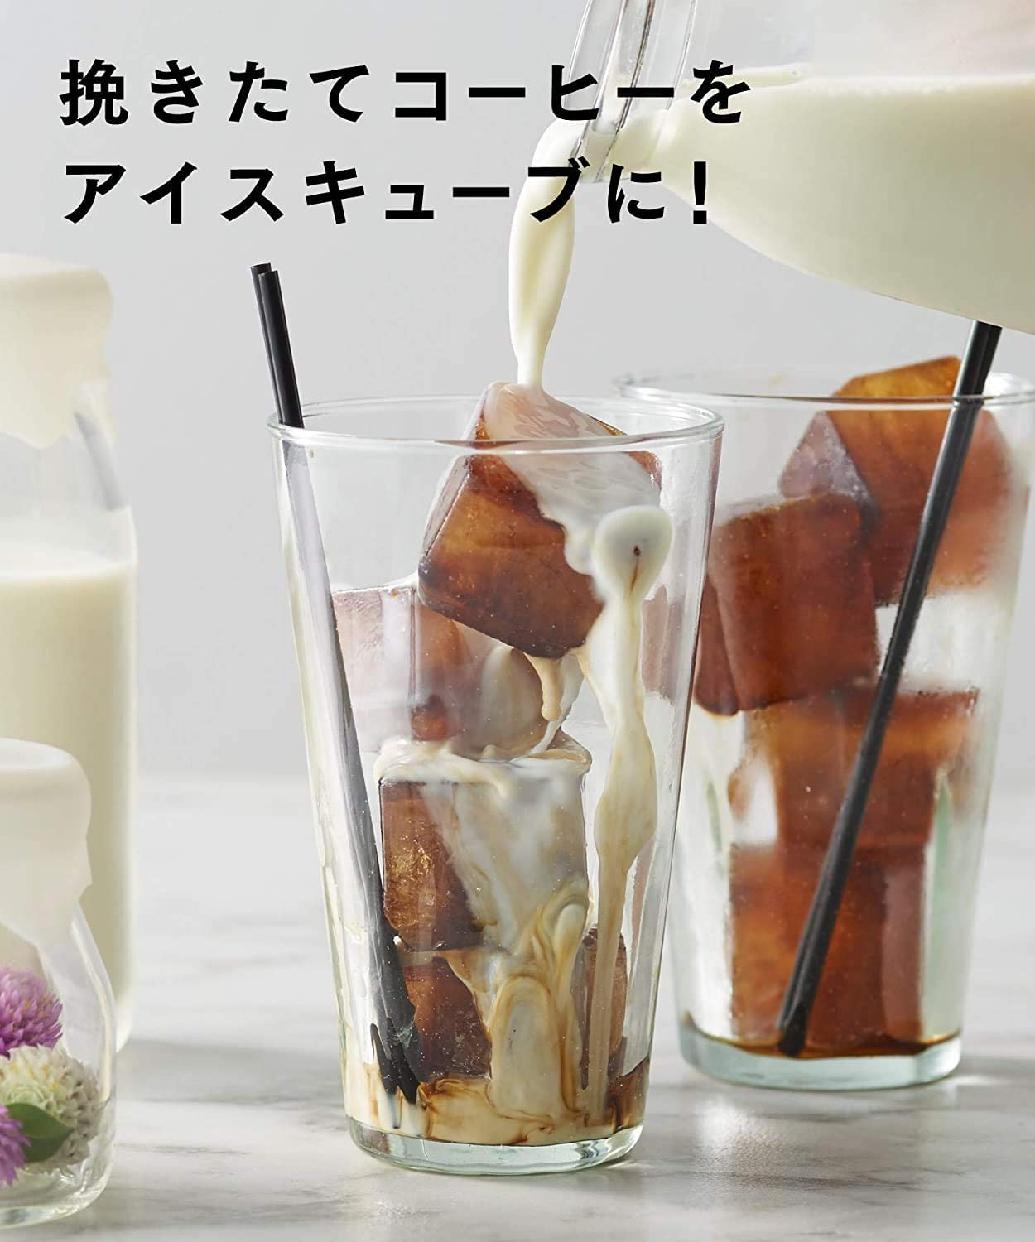 Panasonic(パナソニック)沸騰浄水コーヒーメーカー NC-A57の商品画像11